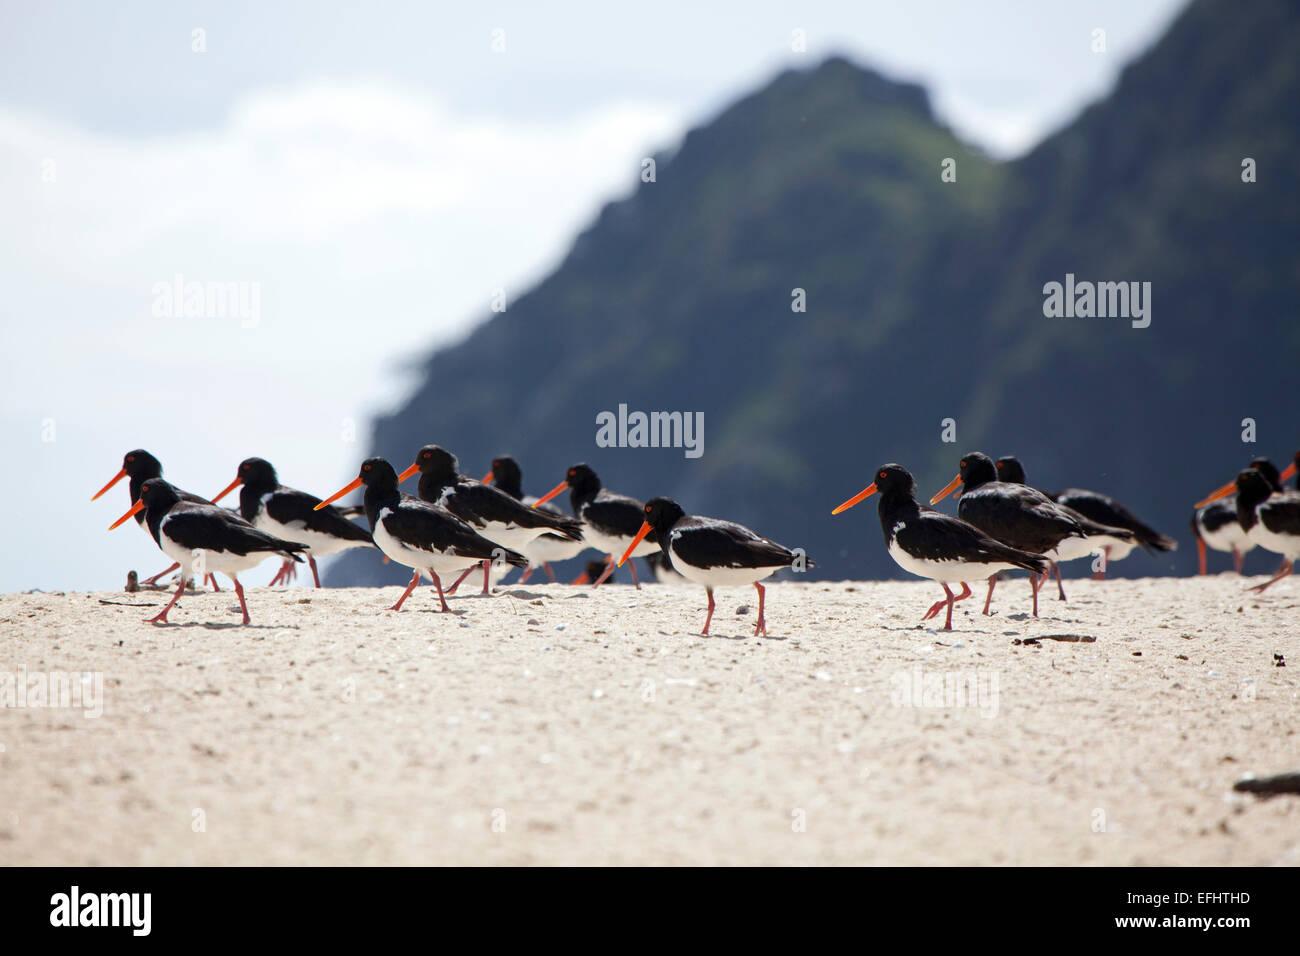 Huîtrier pie oiseaux sur la plage rouge avec factures, Awaroa Inlet, Abel Tasman Coastal Track, grandes promenades, Photo Stock